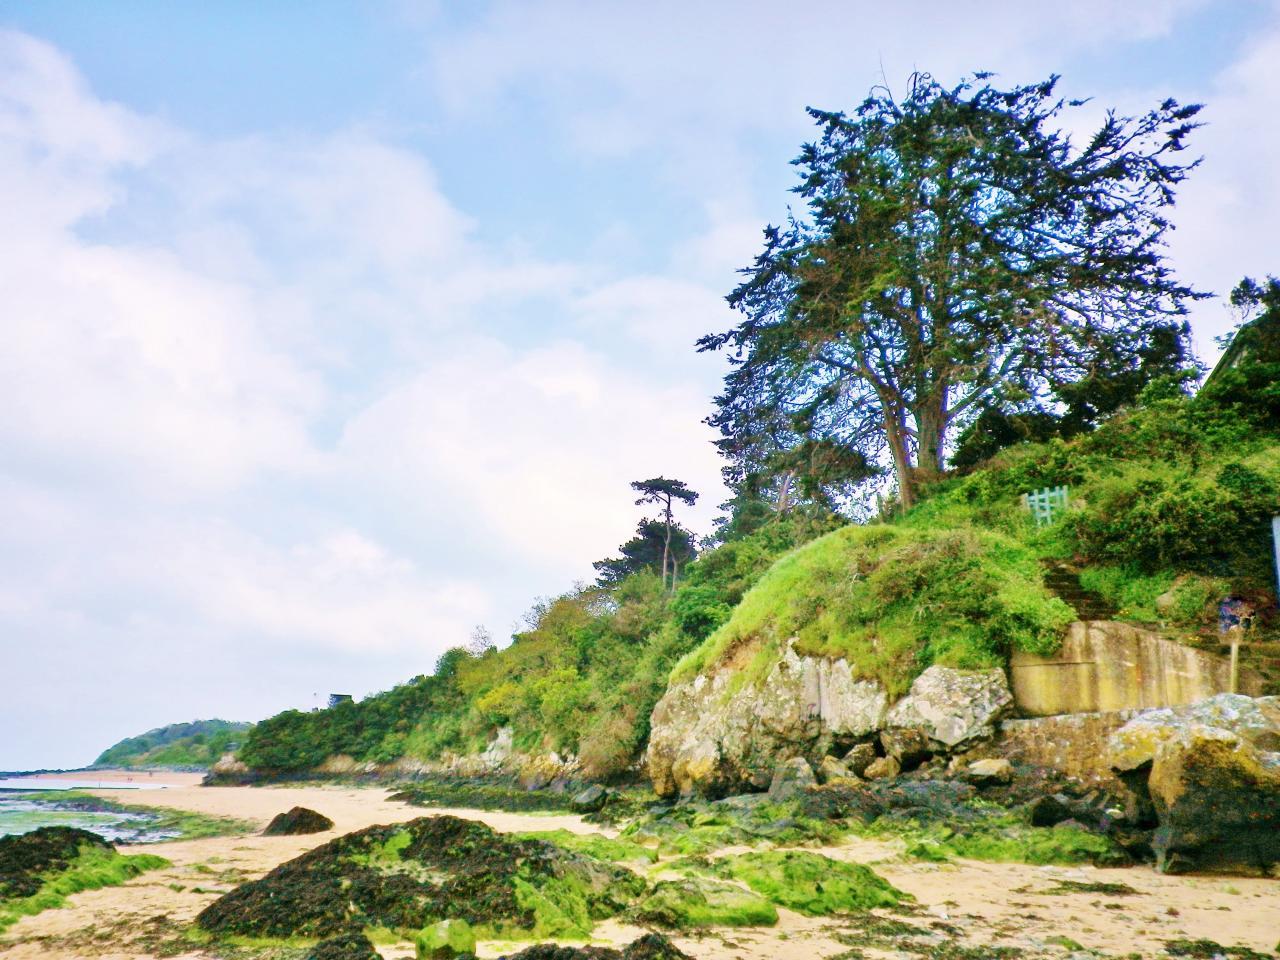 la plage de Paimpol Côte d'Armor